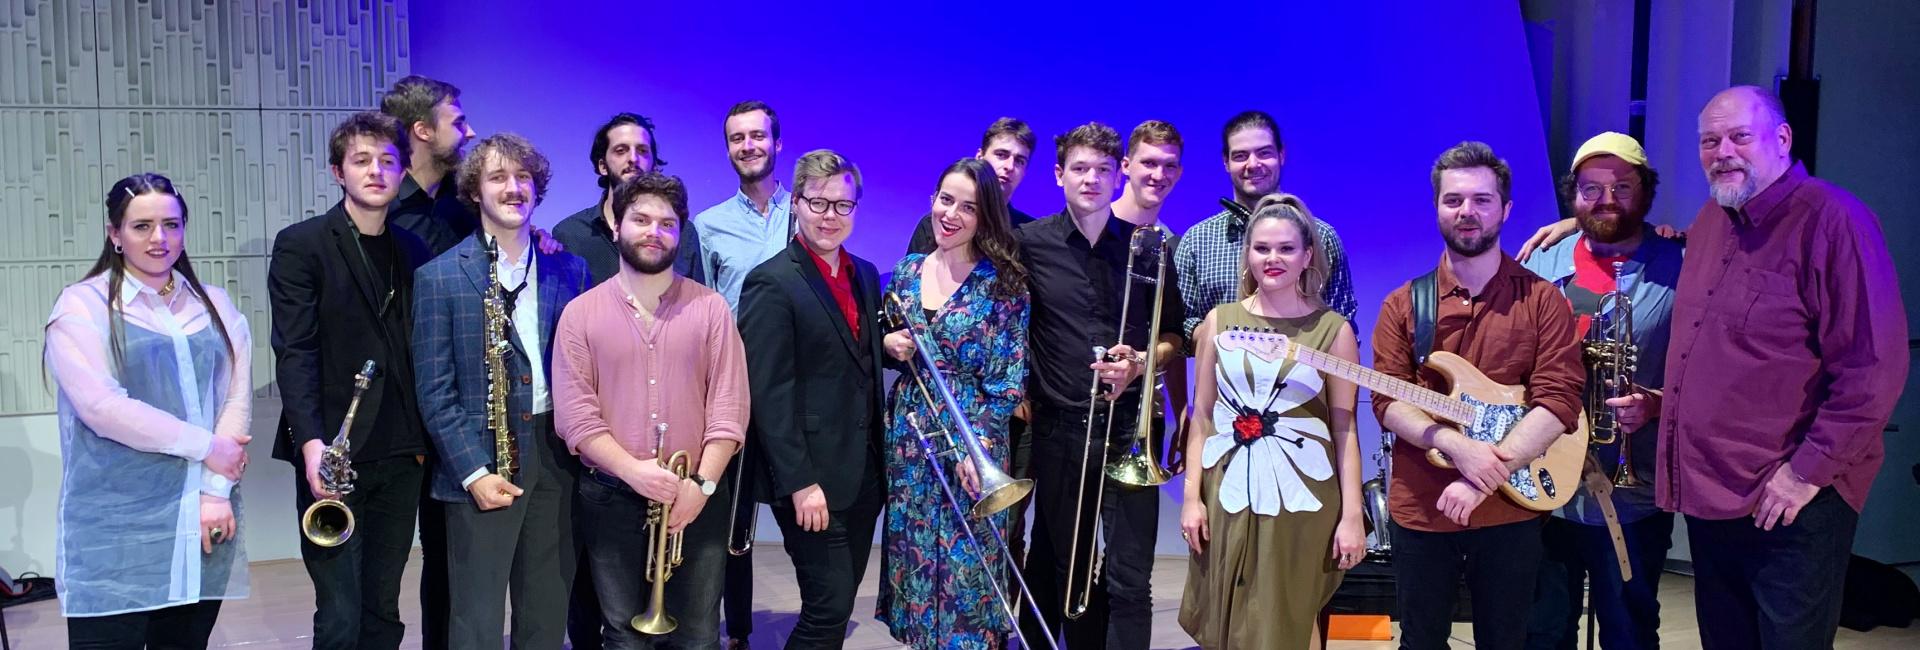 Euroradio Jazz Orchestra Tour (photo of the orchestra)